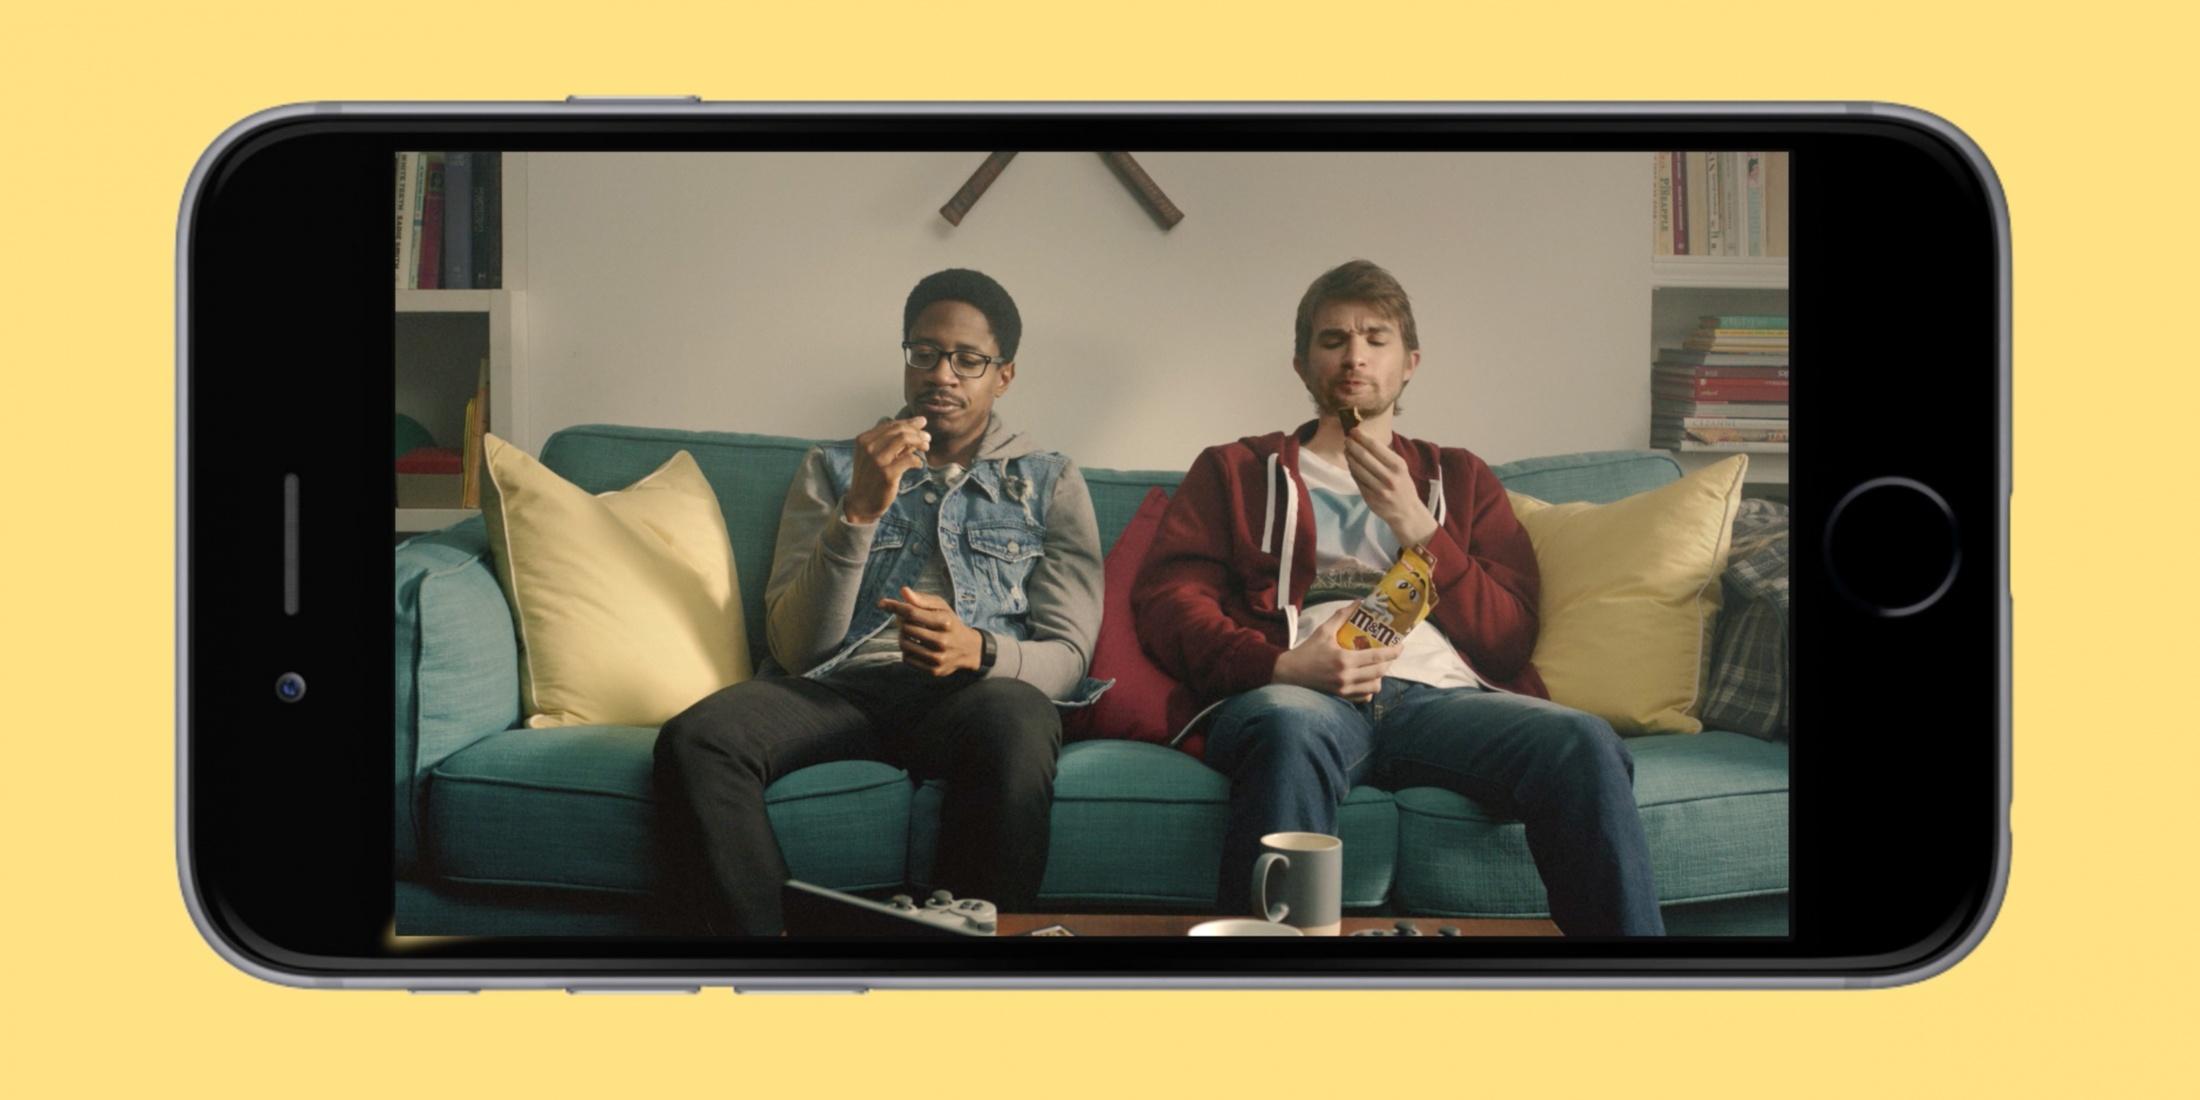 Thumbnail for M&M's Finger Lickin' Good